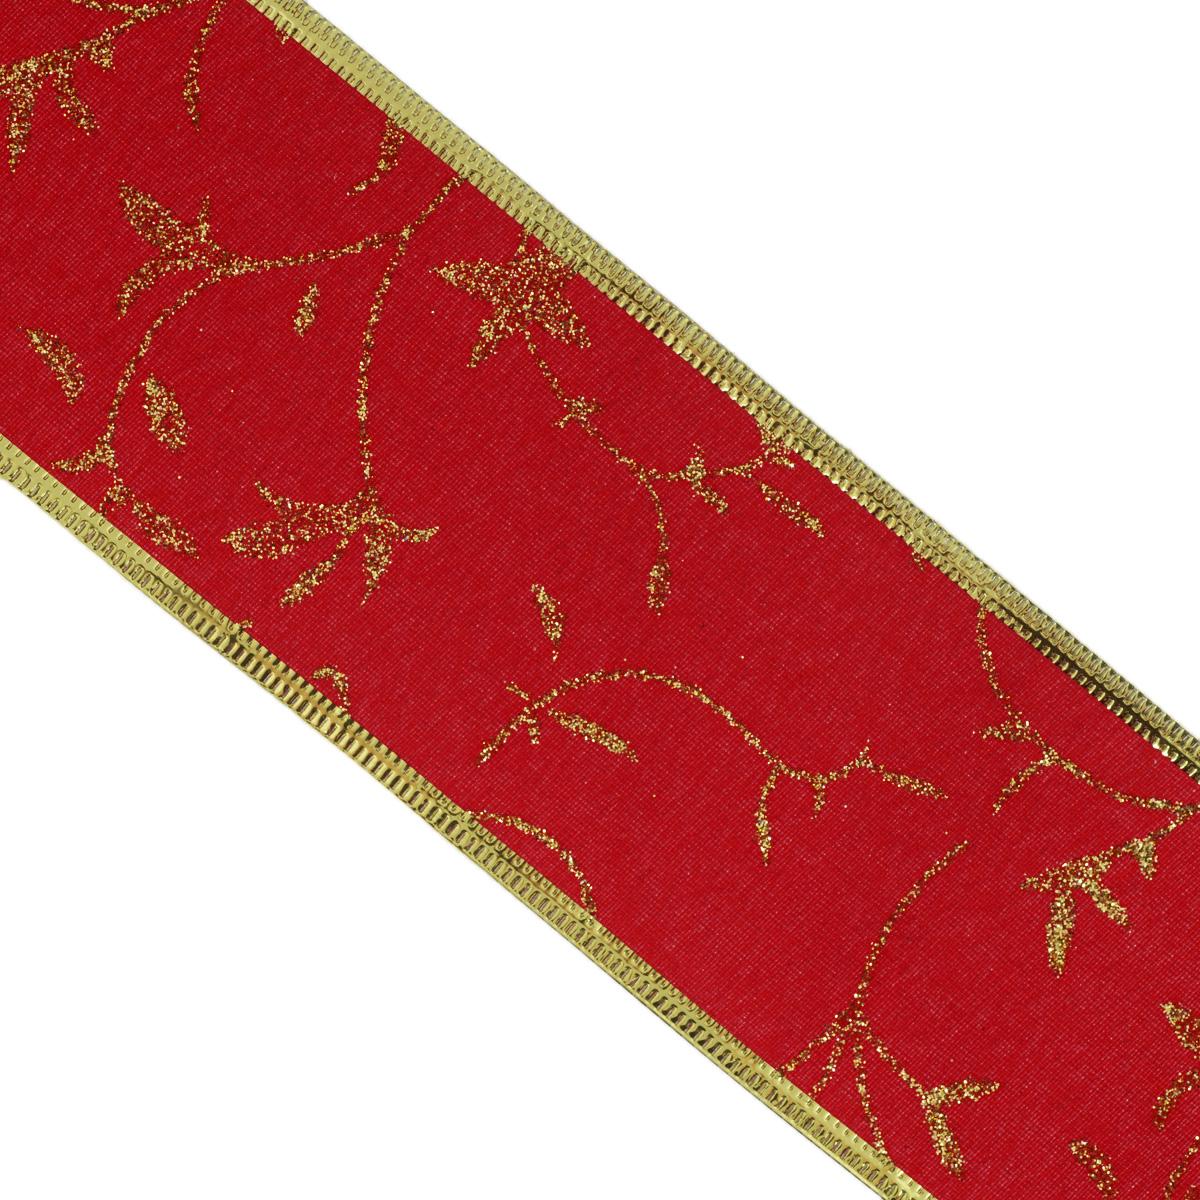 Декоративная лента Феникс-презент, цвет: красный, 2,7 м. 35391CP08883Декоративная лента Феникс-презент выполнена из полиэстера и декорирована оригинальным узором и блестками. В края ленты вставлена проволока, благодаря чему ее легко фиксировать. Лента предназначена для оформления подарочных коробок, пакетов. Кроме того, декоративная лента с успехом применяется для художественного оформления витрин, праздничного оформления помещений, изготовления искусственных цветов. Декоративная лента украсит интерьер вашего дома к любым праздникам.Ширина ленты: 6,3 см.